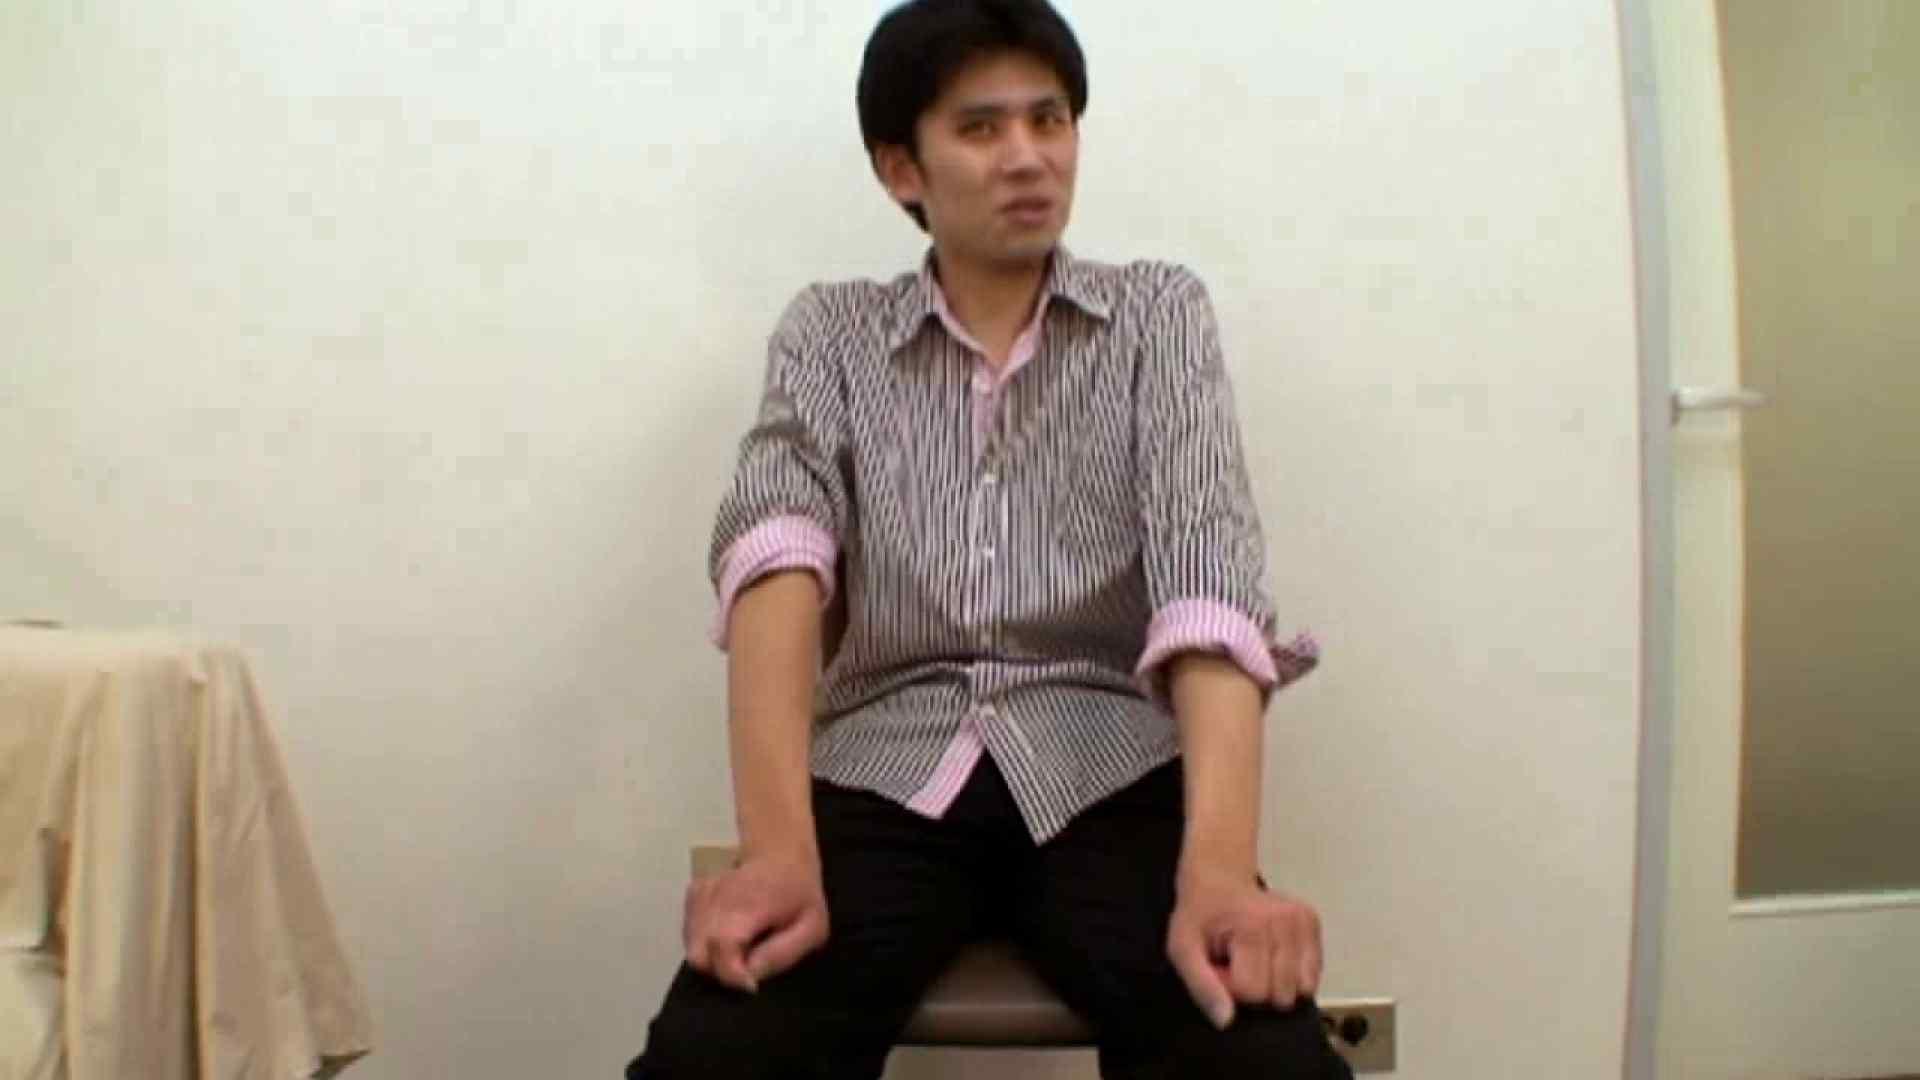 イケメンにタンクトップにオナニー 手コキ | オナニー AV動画 58pic 25